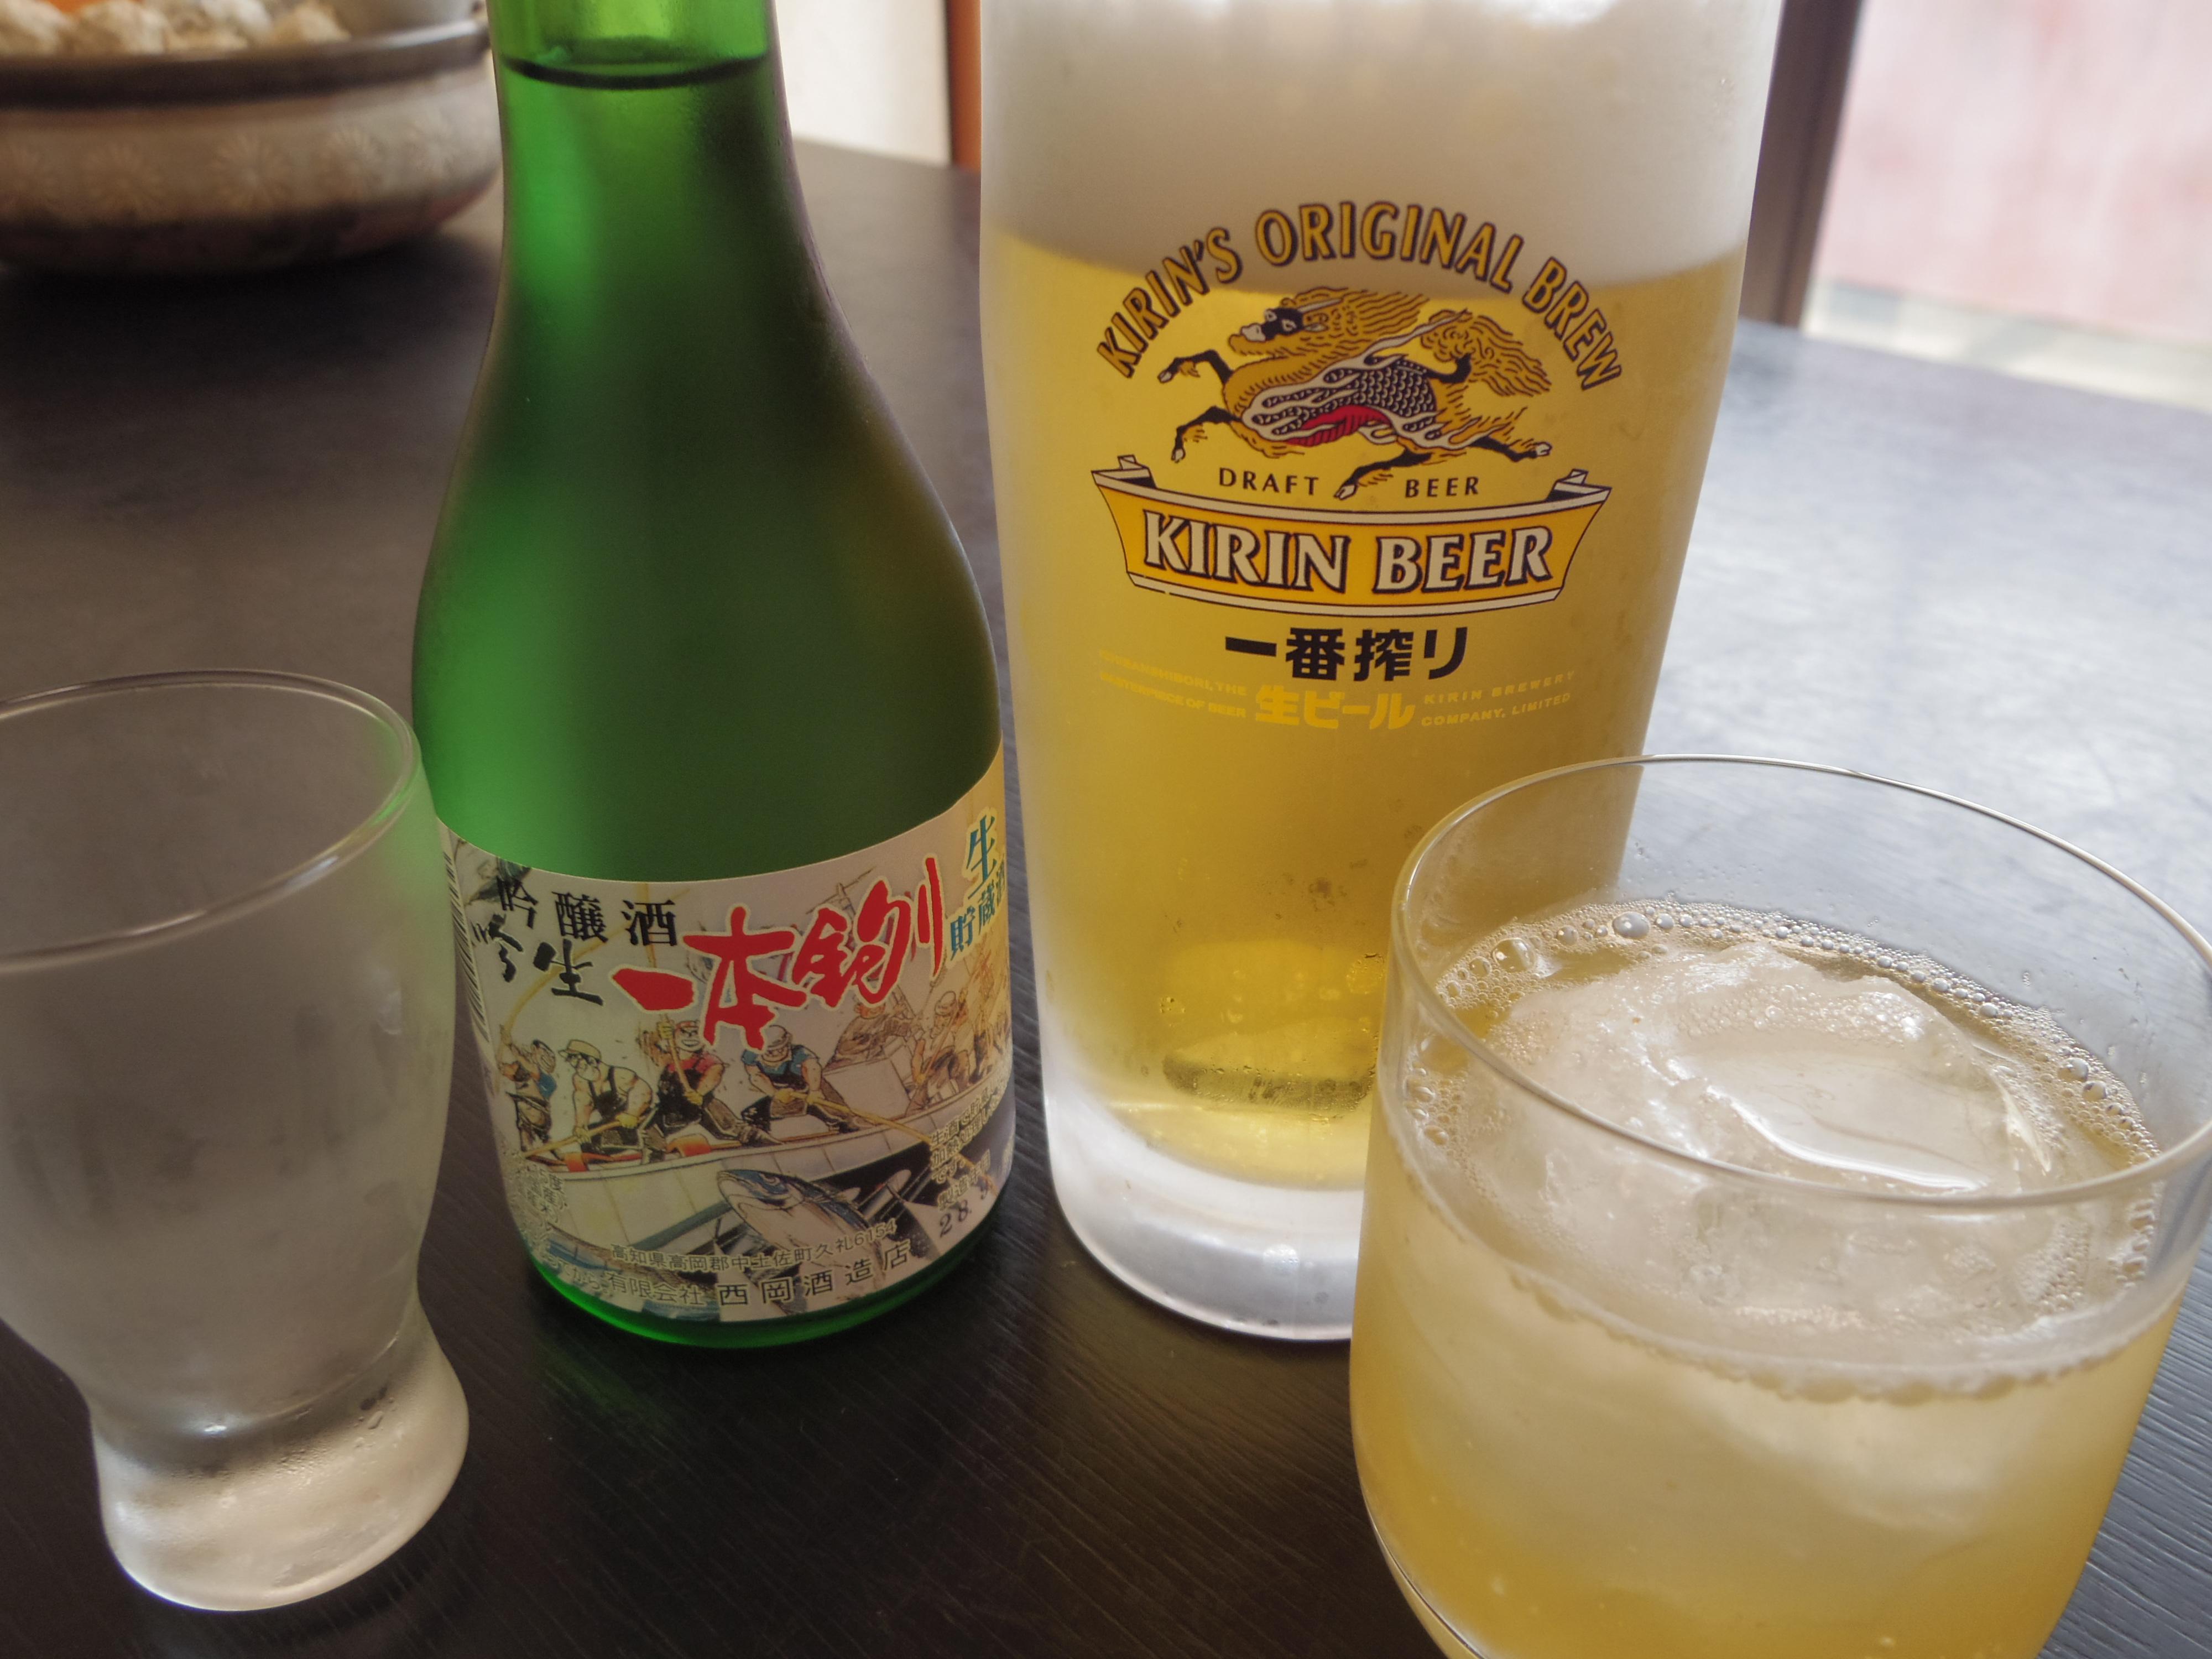 地酒土佐の一本釣り 生ビール 梅酒